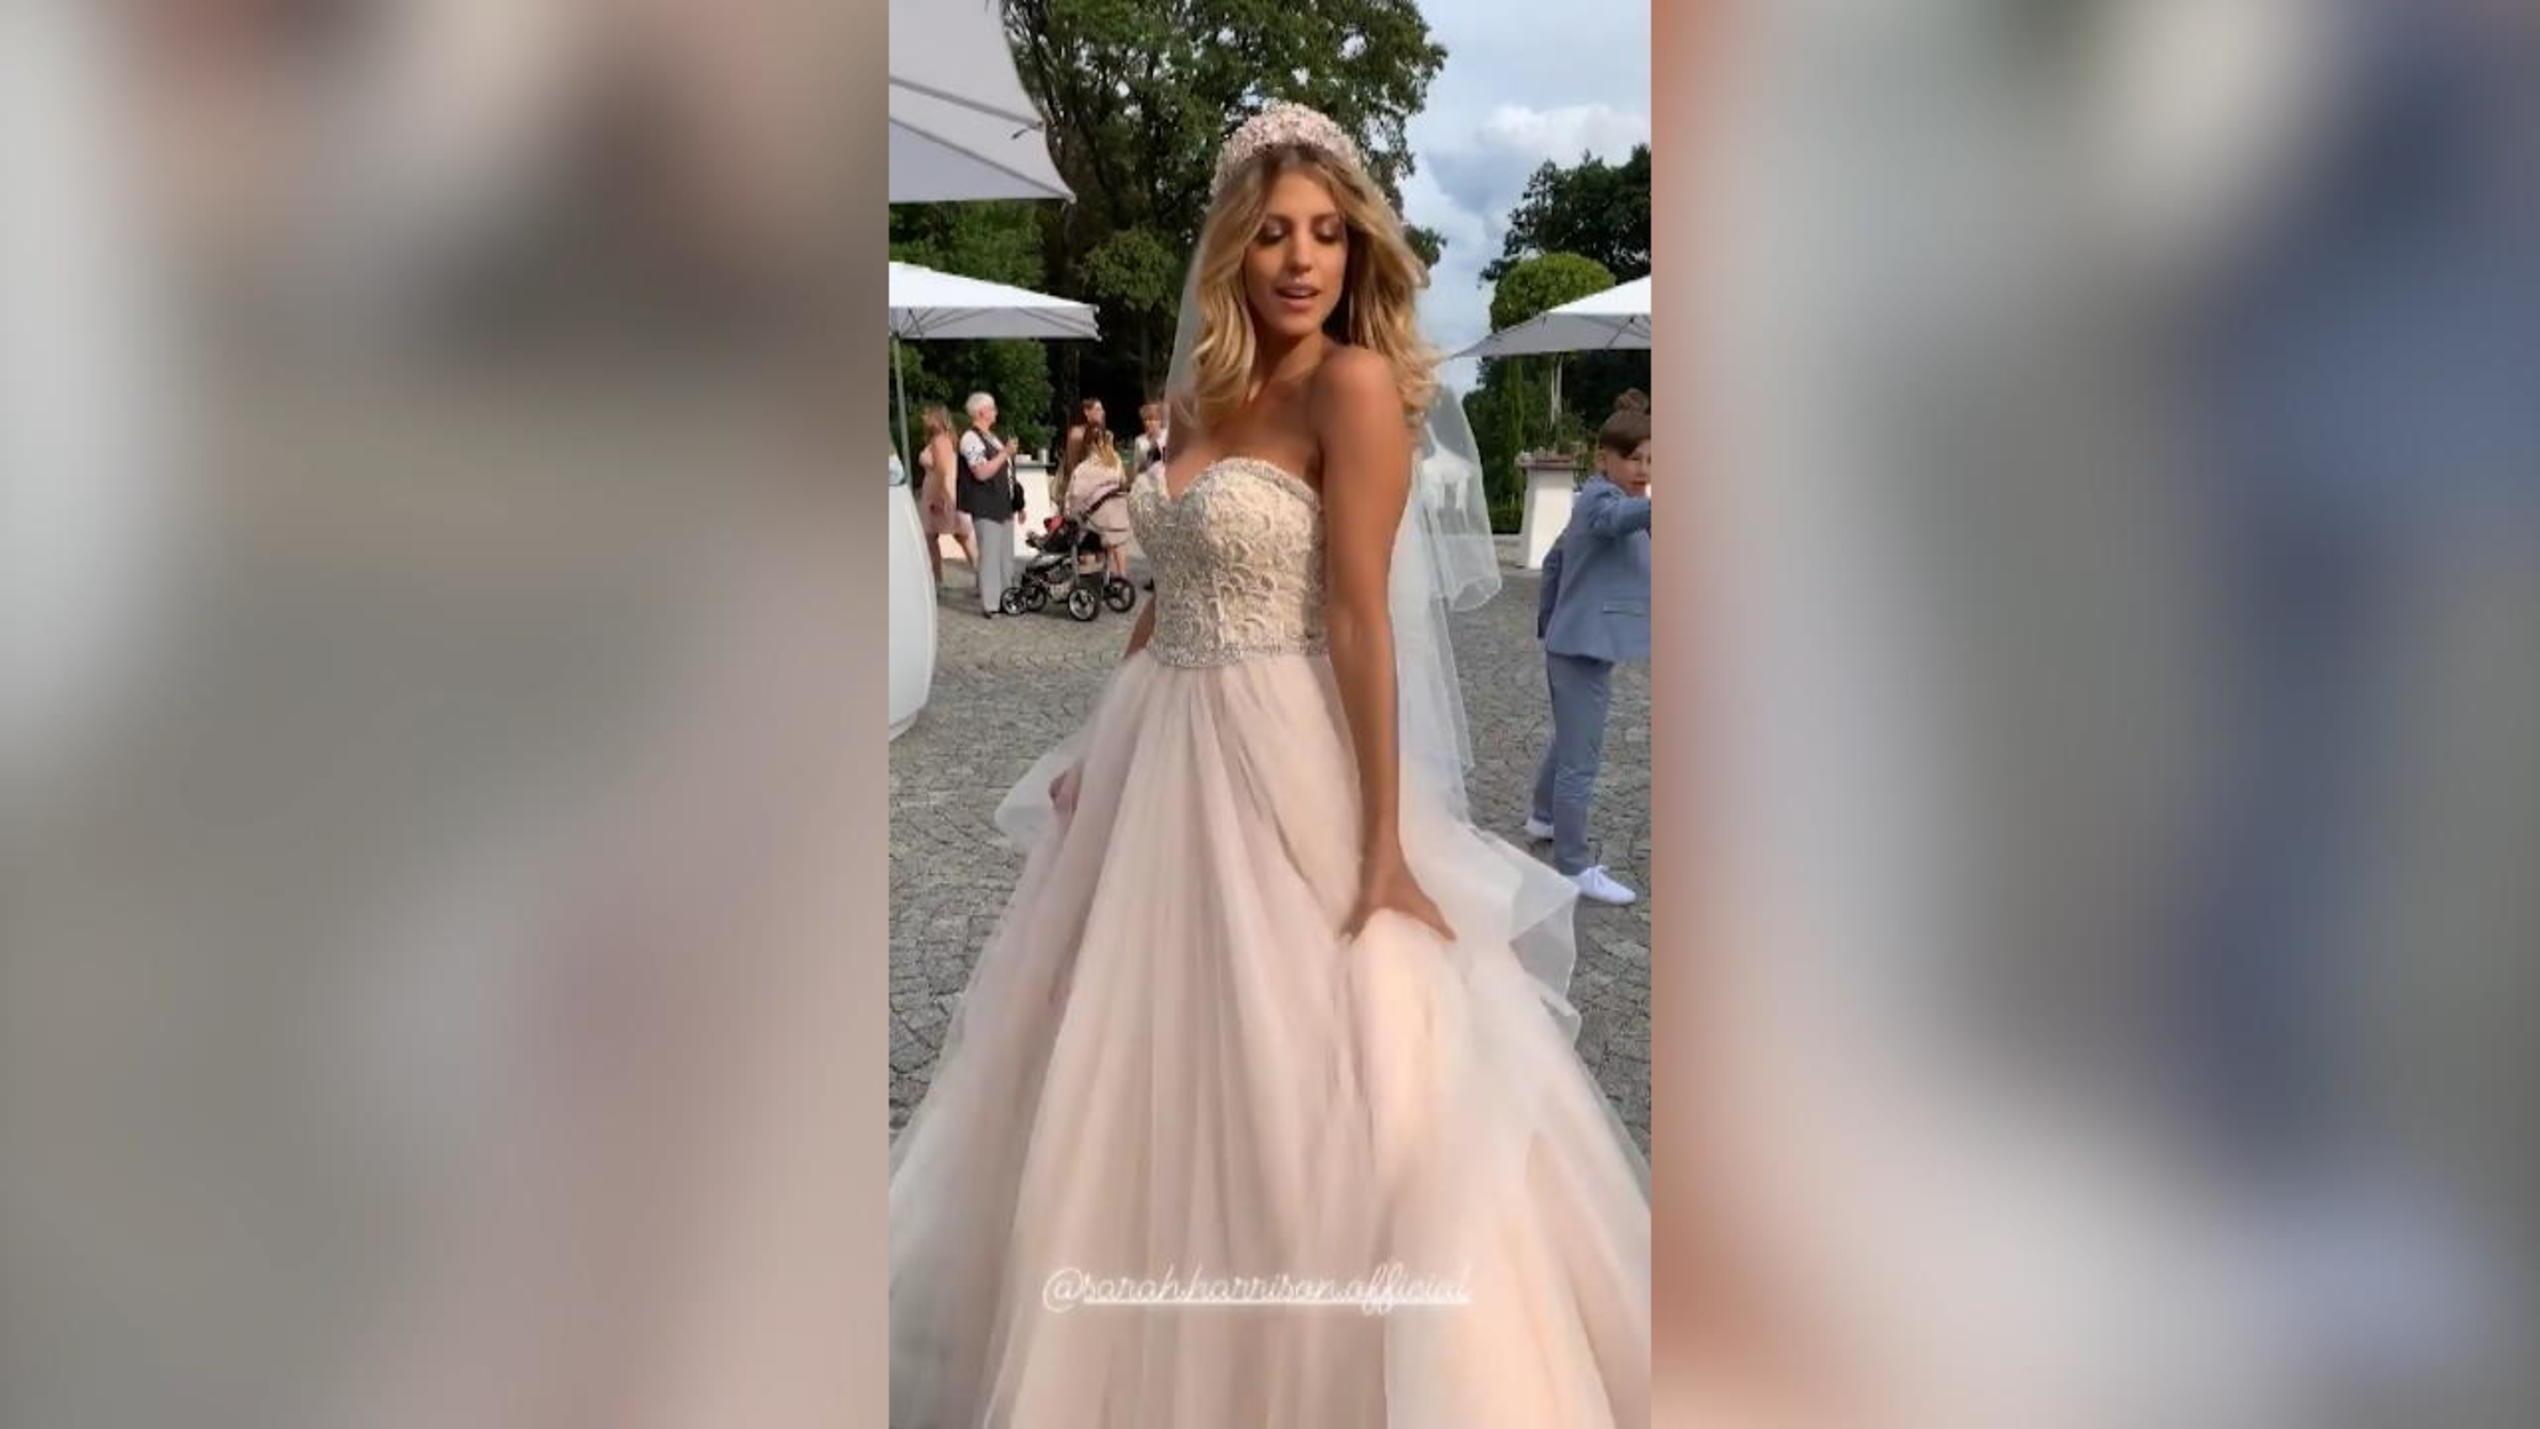 sarah harrison: hochzeit in drei kleidern